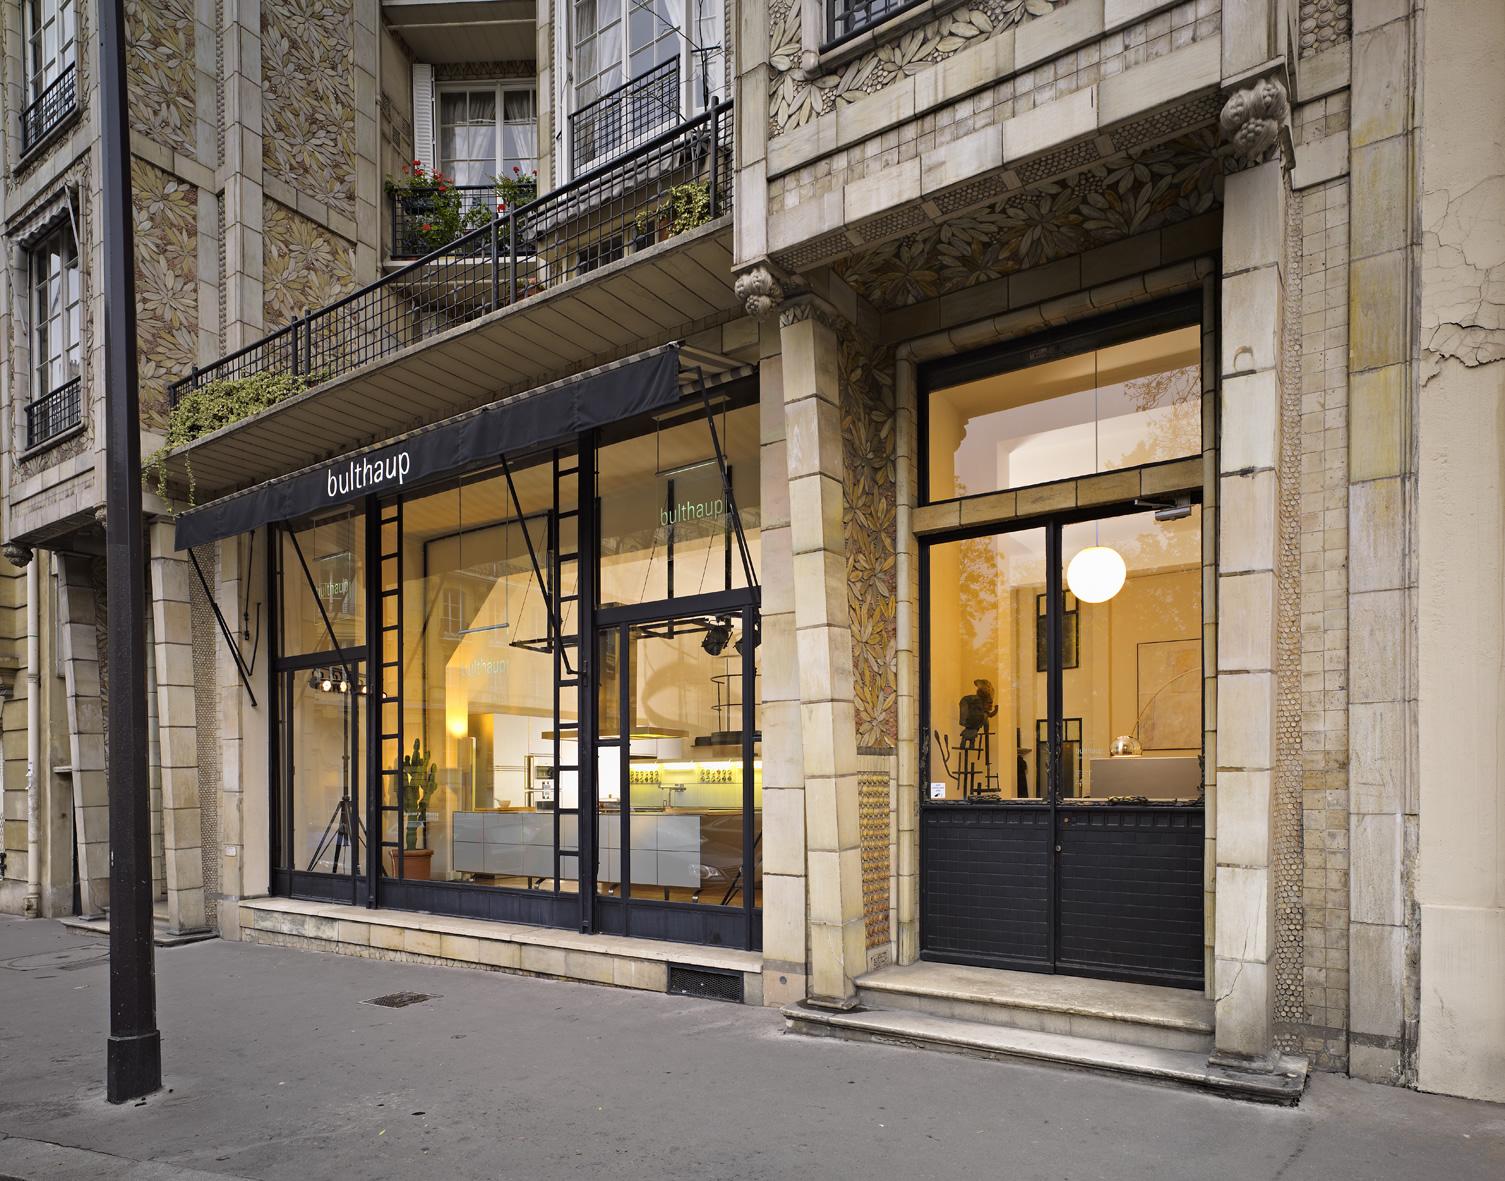 bulthaup | cuisine haut de gamme paris - Cuisine Haut De Gamme Paris